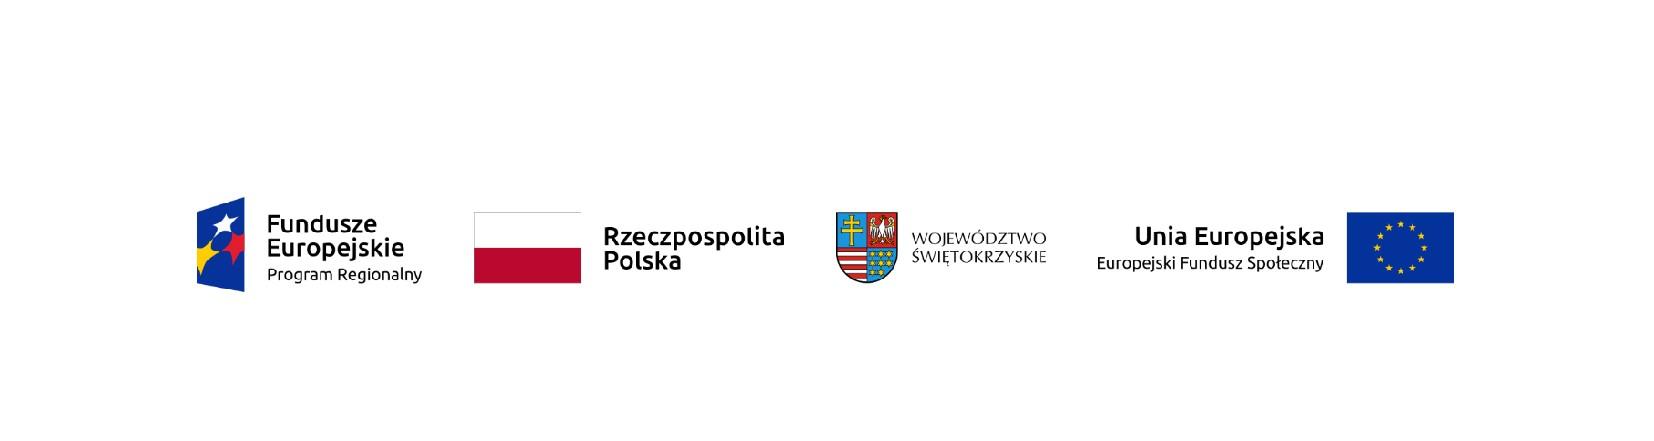 Fabryka młodości, Gminny Ośrodek Pomocy Społecznej w Łopusznie